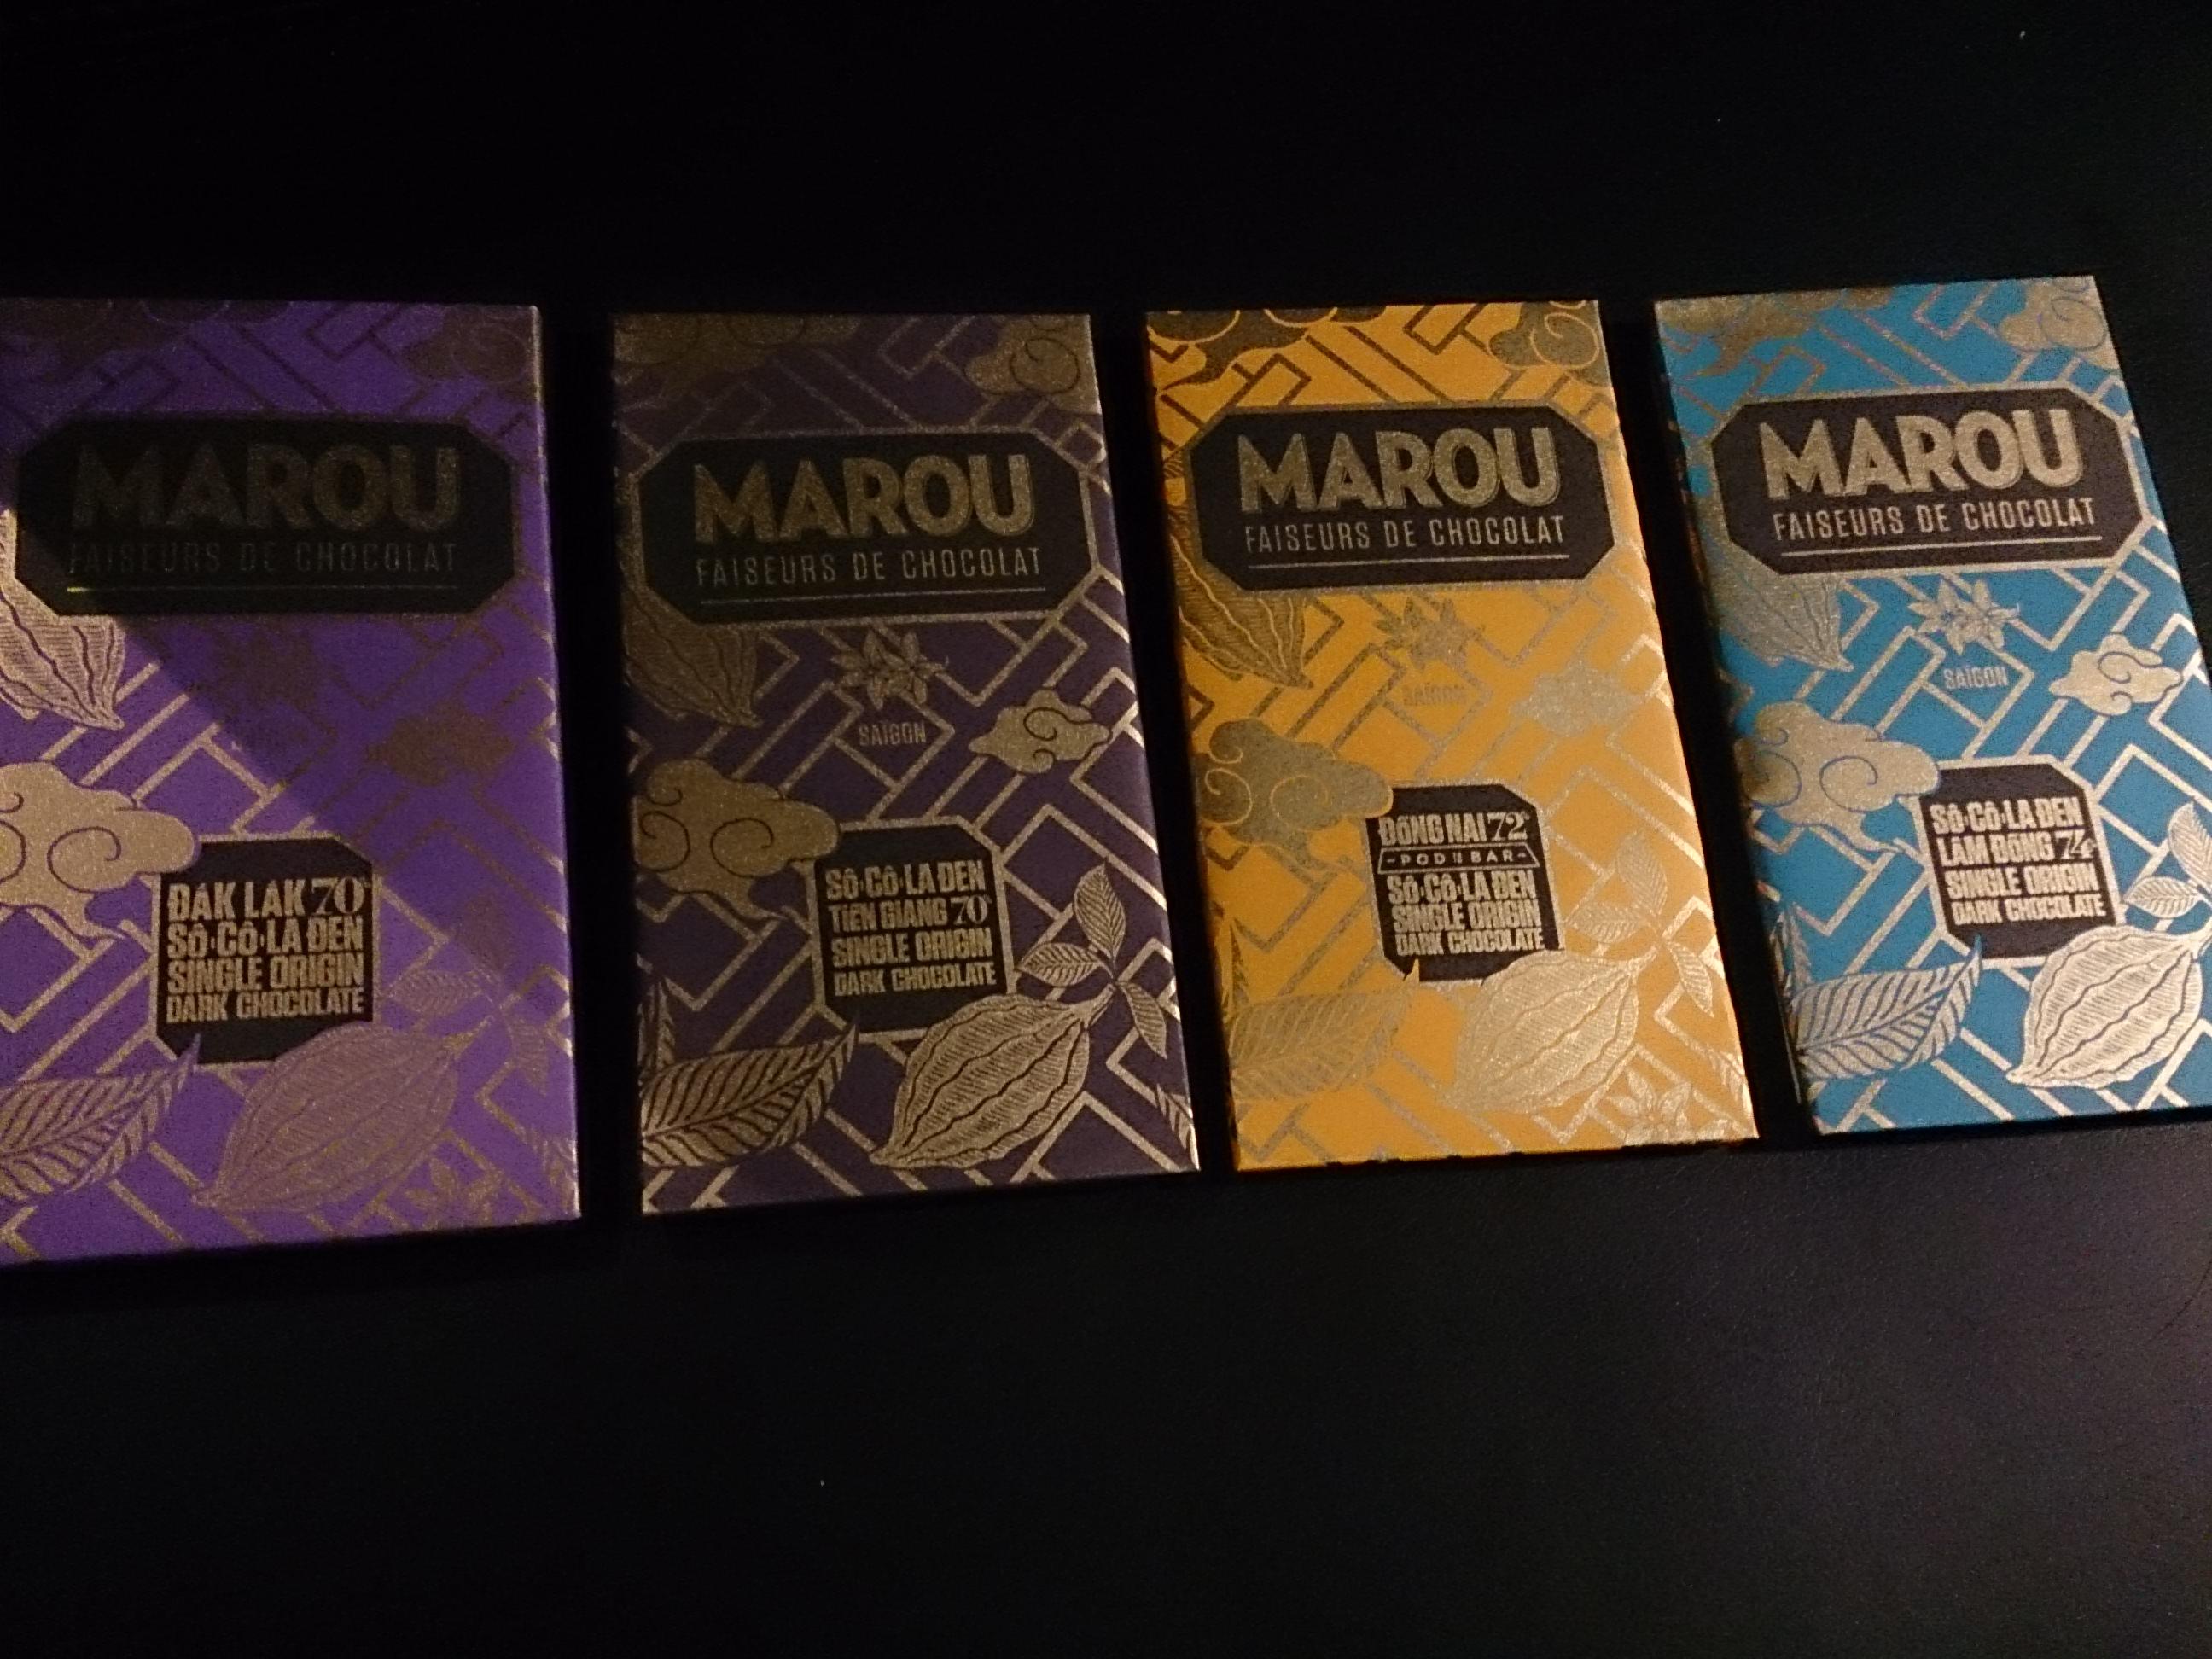 ホーチミンで買うベトナム土産 マルゥチョコレート・フックロンコーヒー